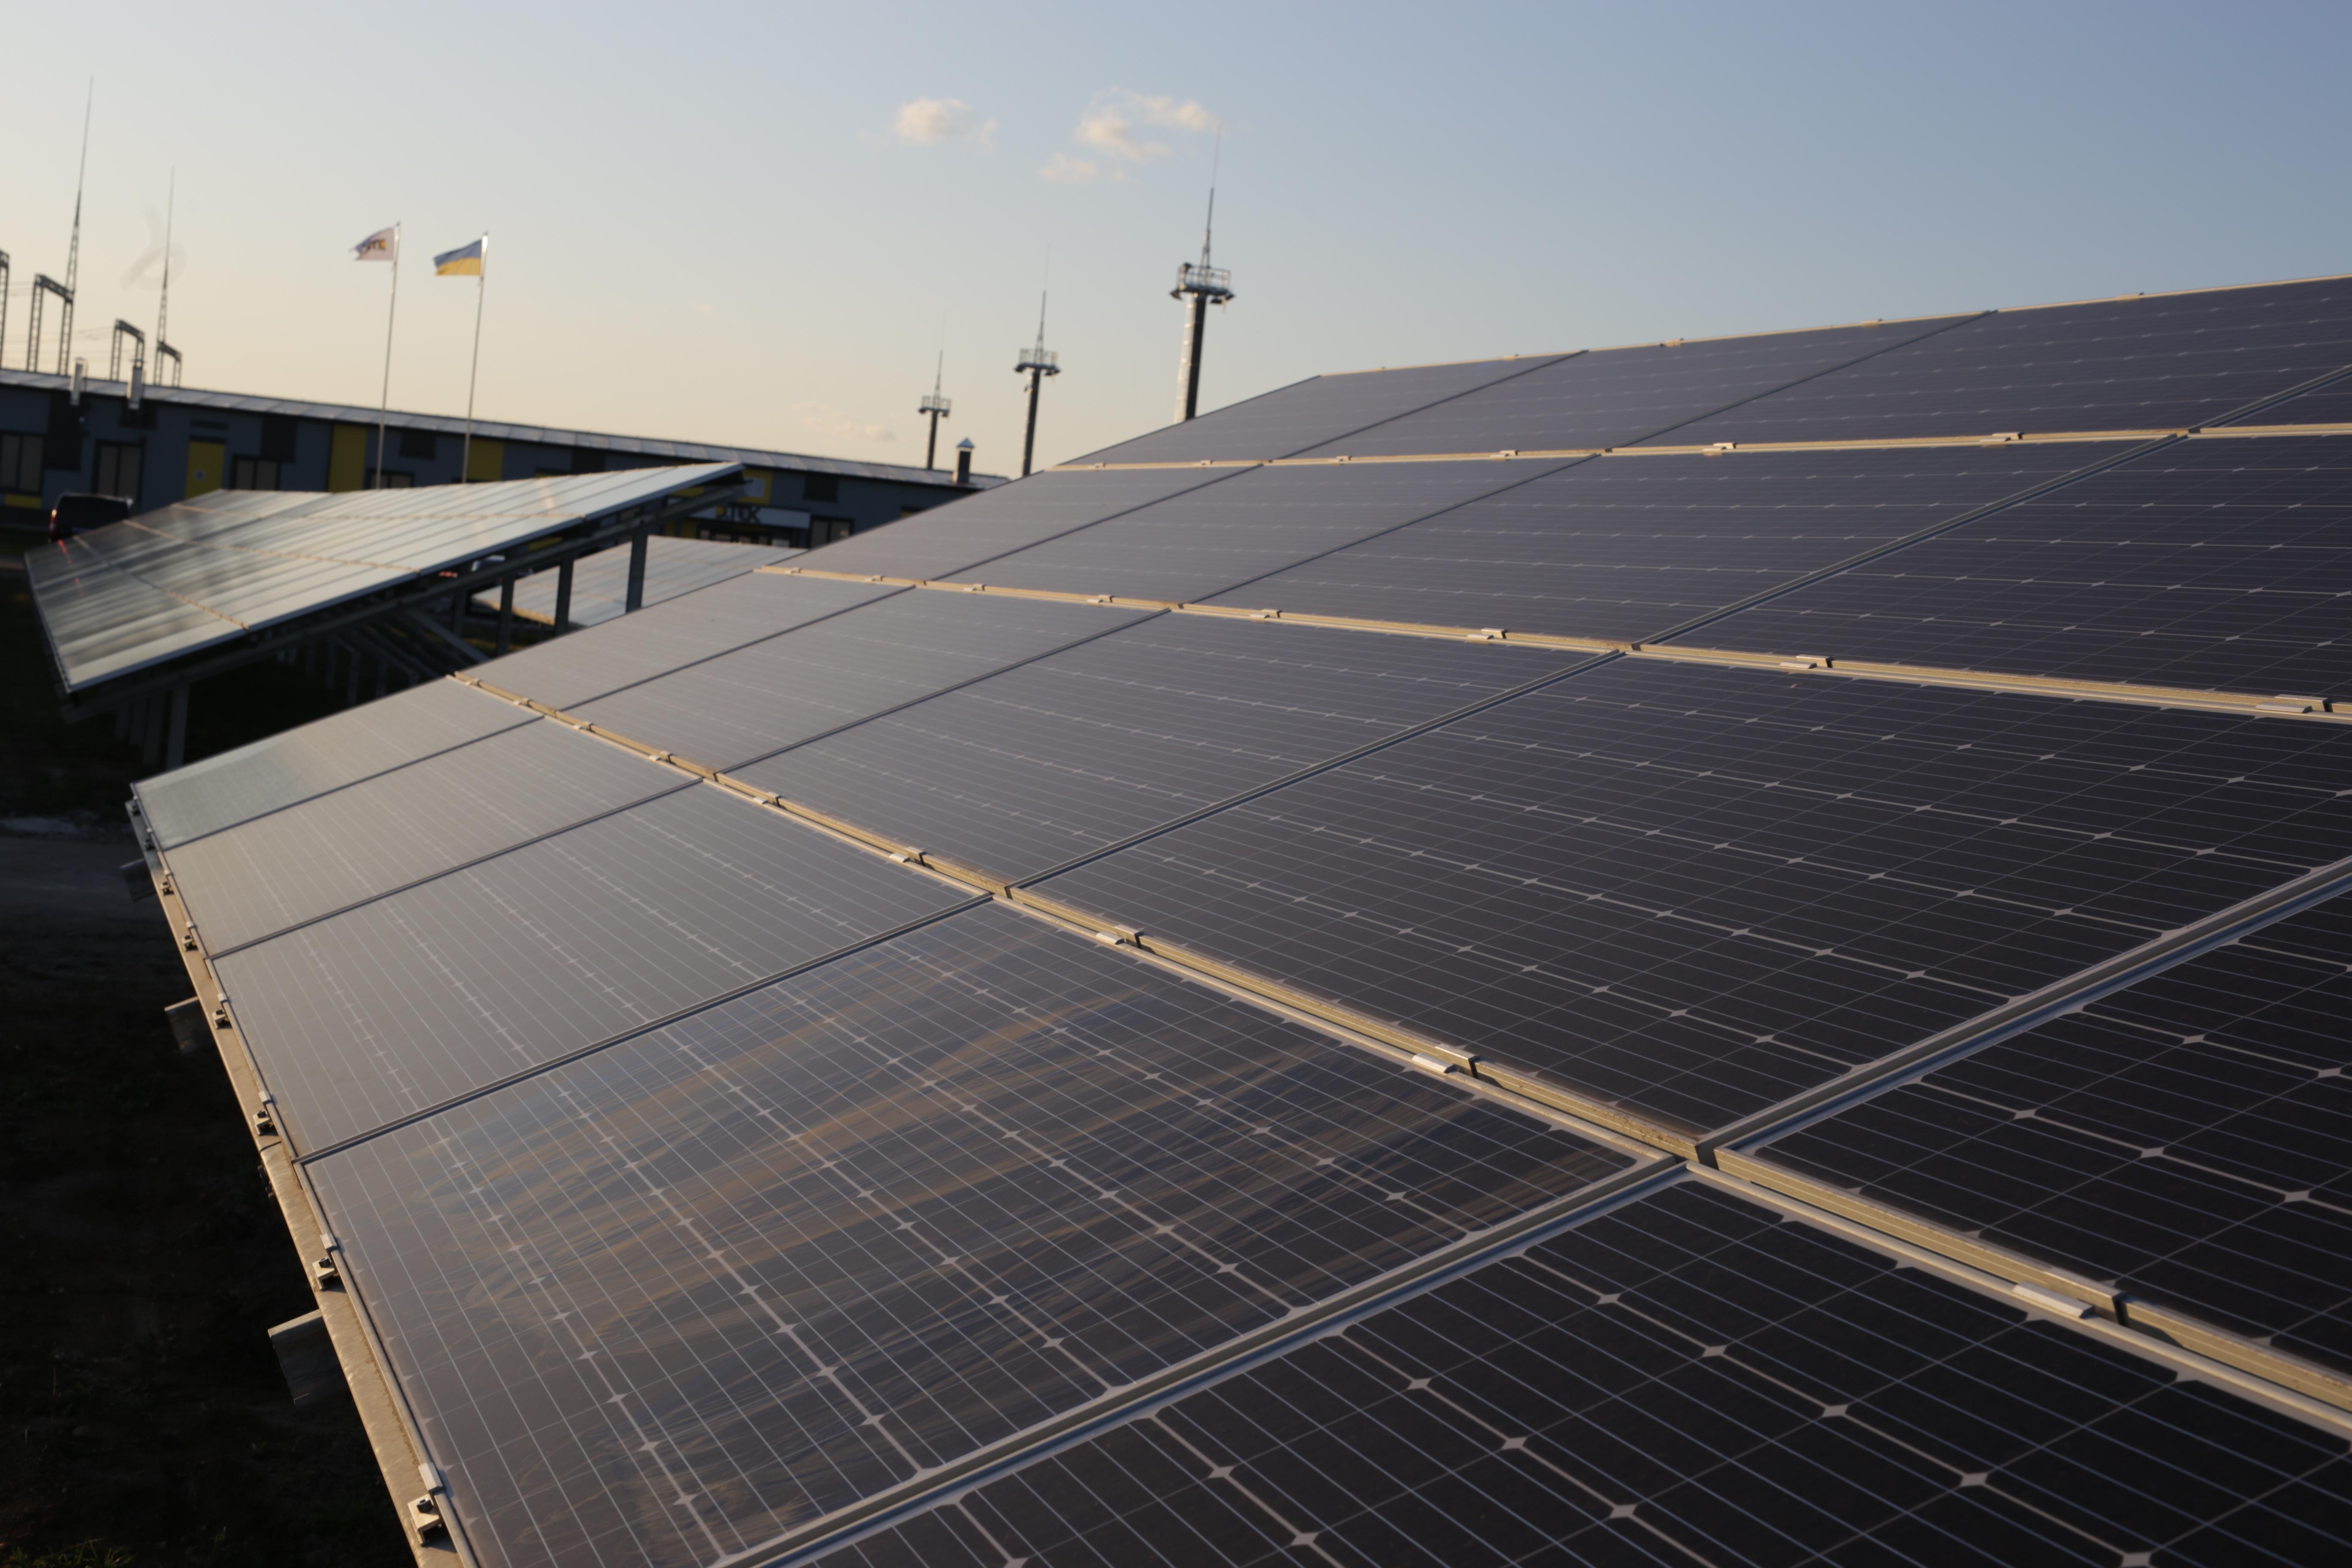 Електростанція приноситиме Дніпропетровщині понад 20 млн грн щорічних податкових надходжень